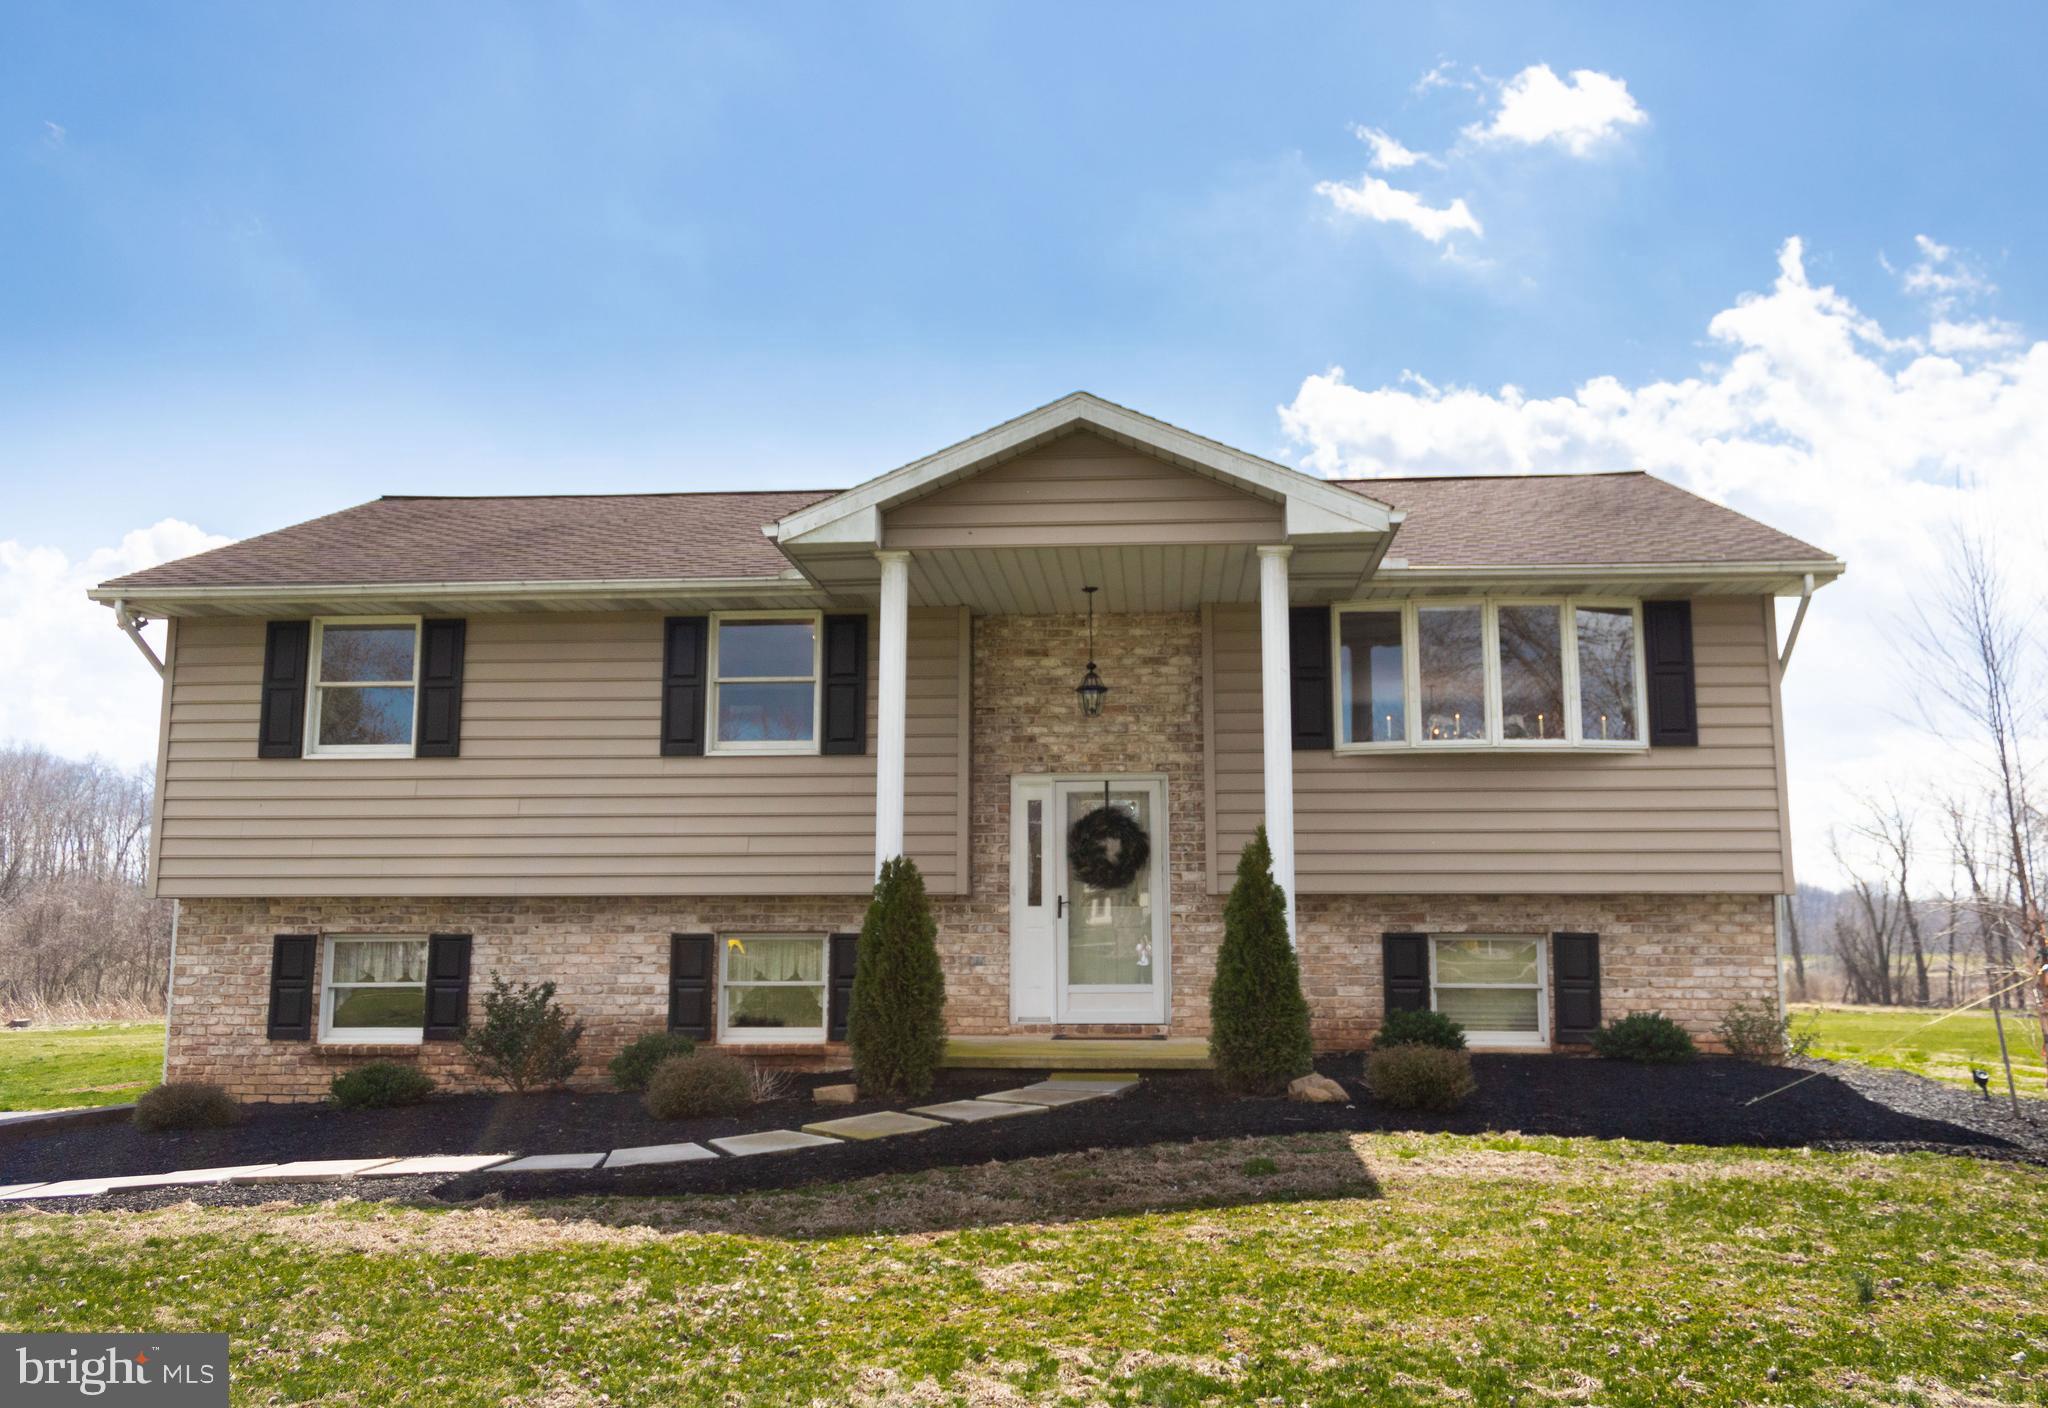 1496 Stonemill Drive, Elizabethtown, PA 17022